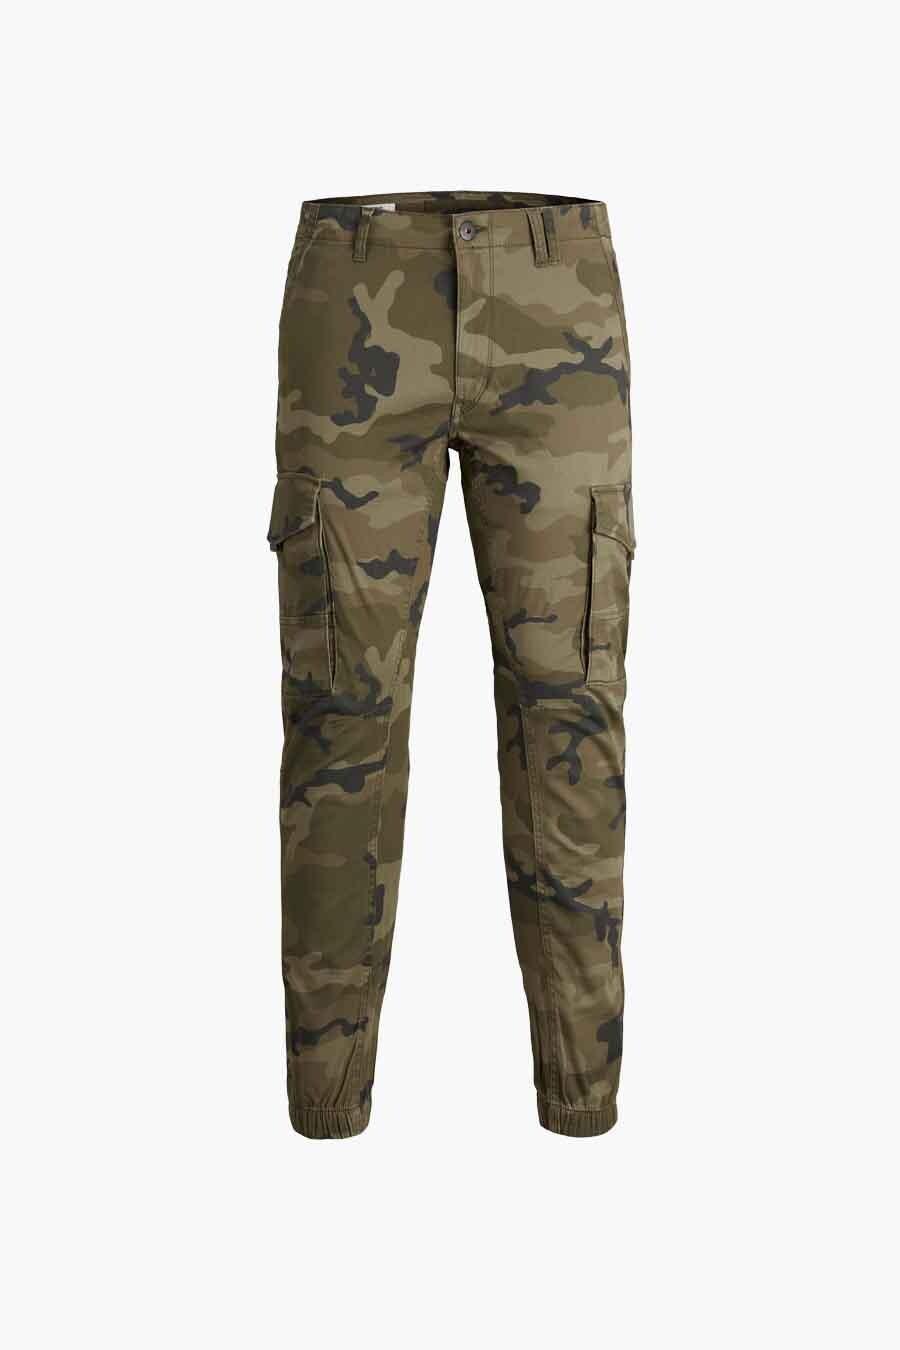 Jack & Jones Jeans Intelligence Broek, Olive, Heren, Maat: 29x32